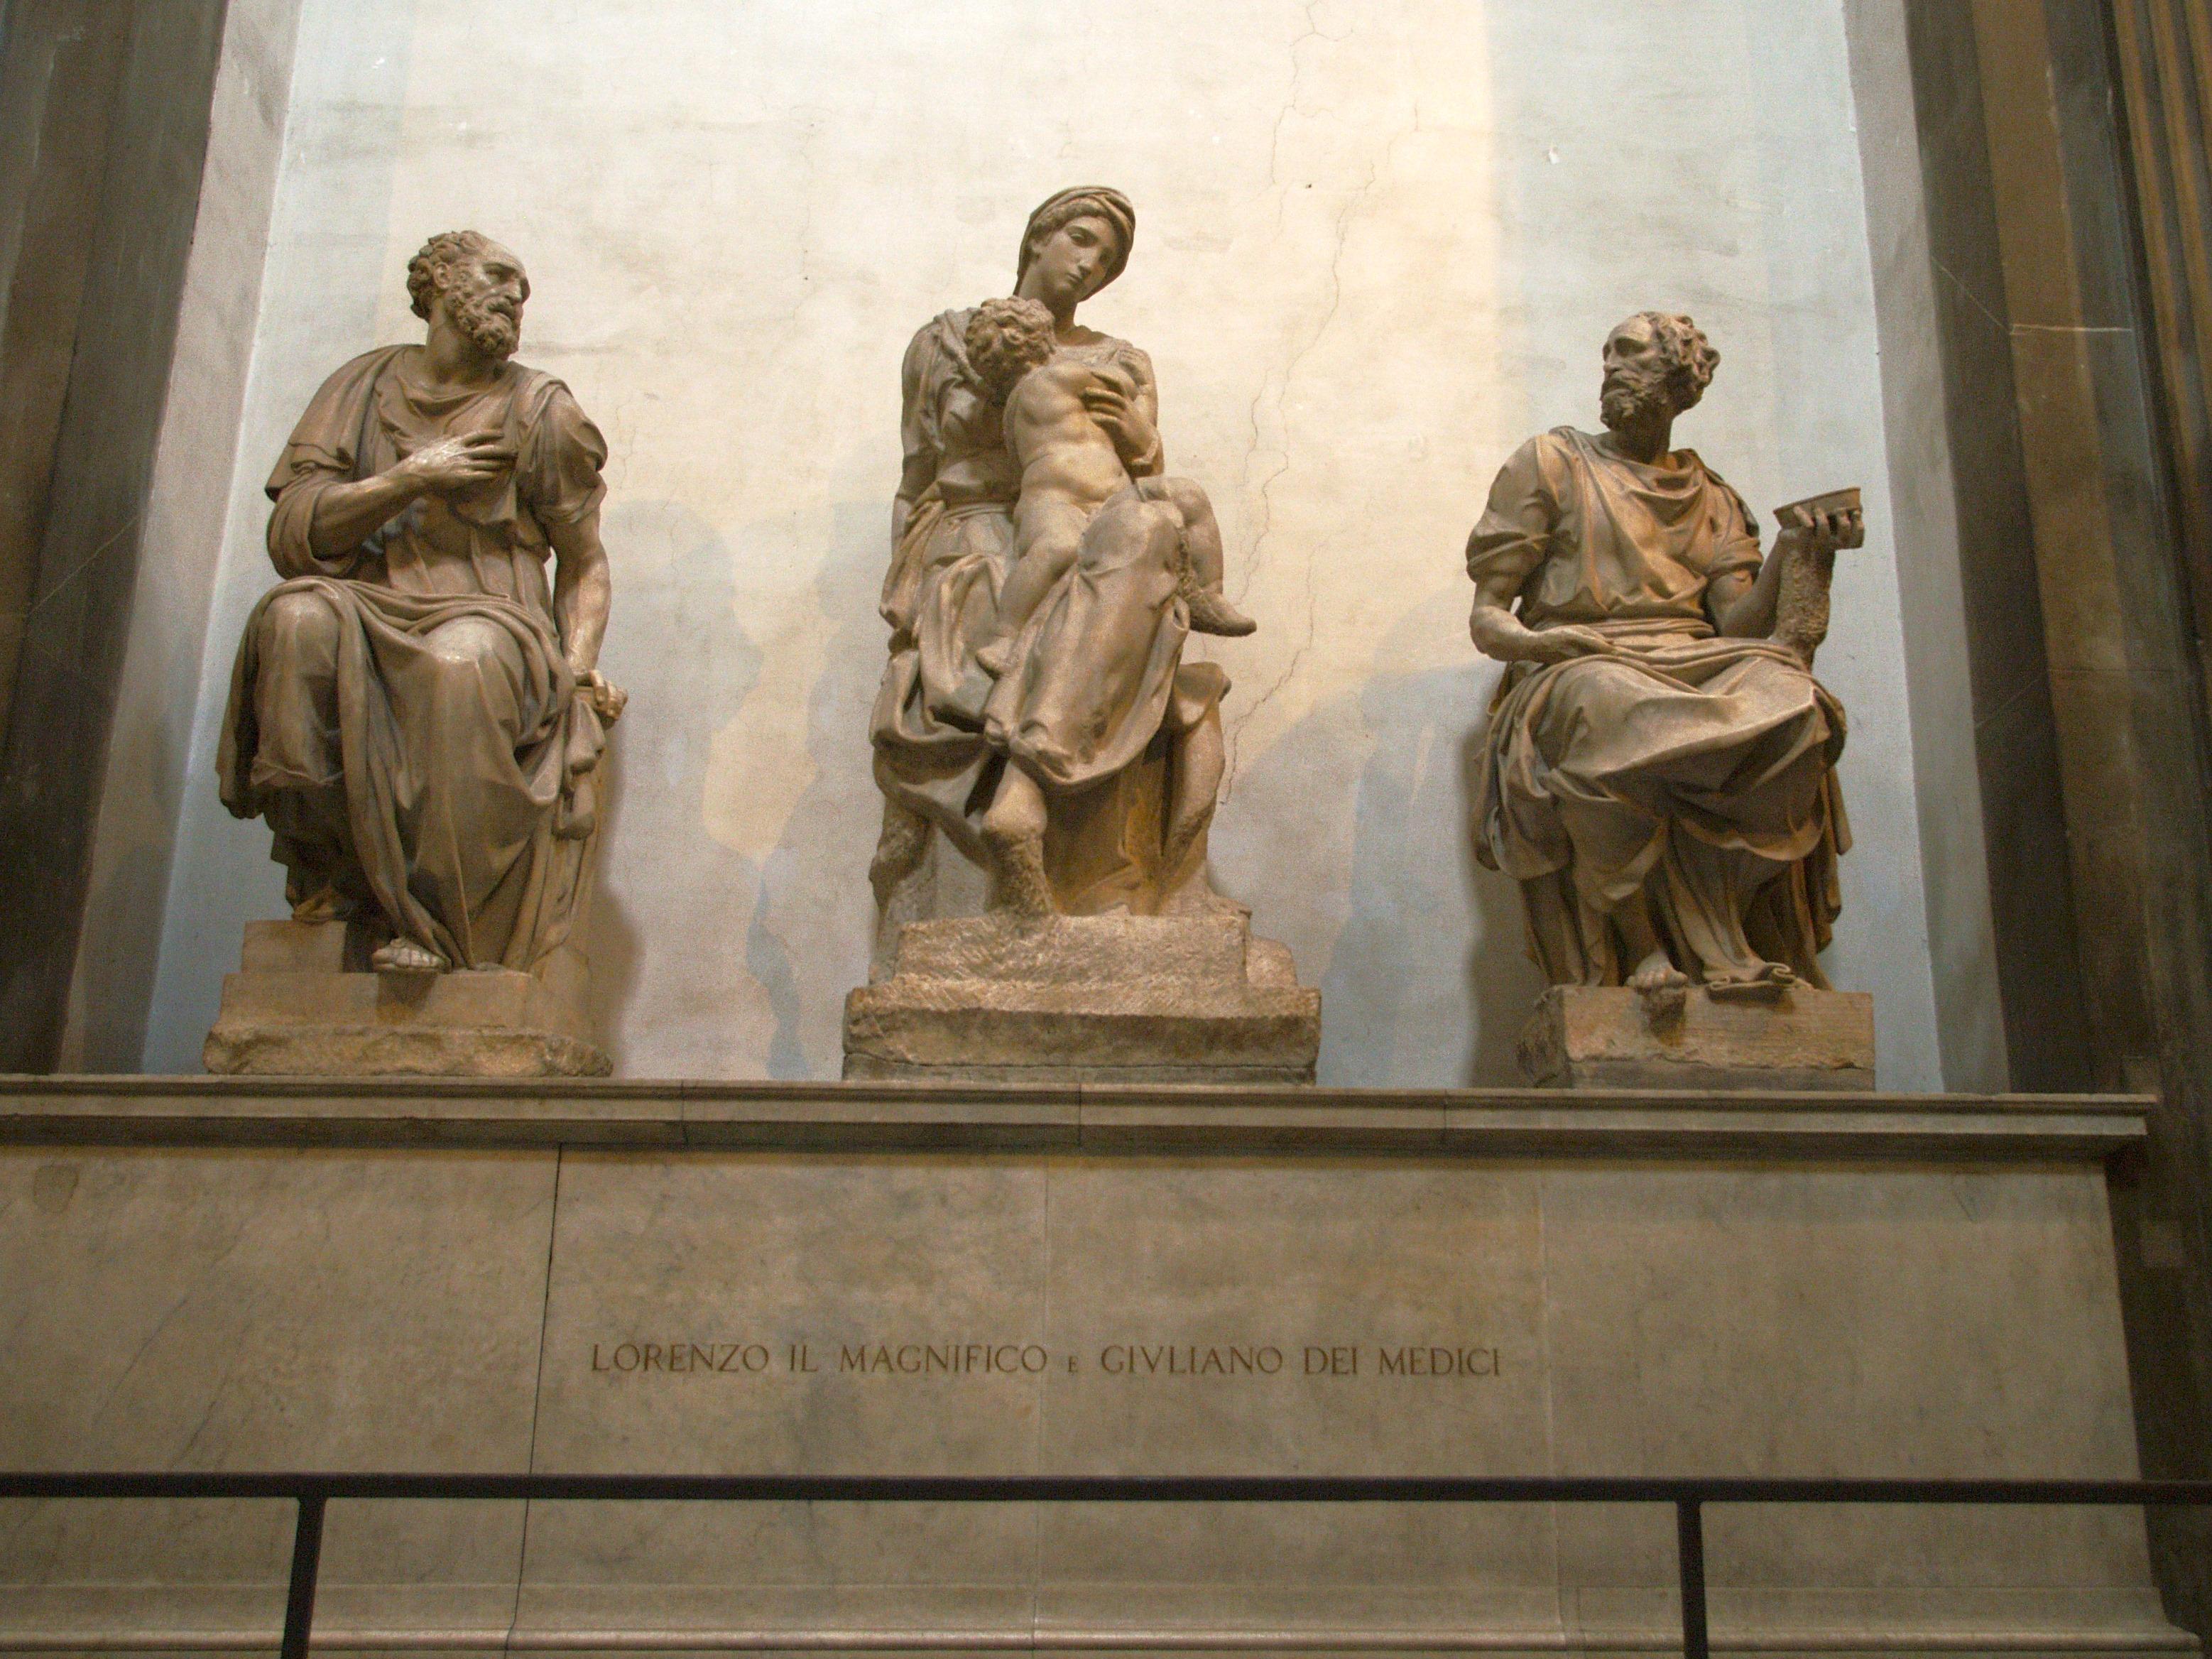 Monumento funebre di Lorenzo de' Medici